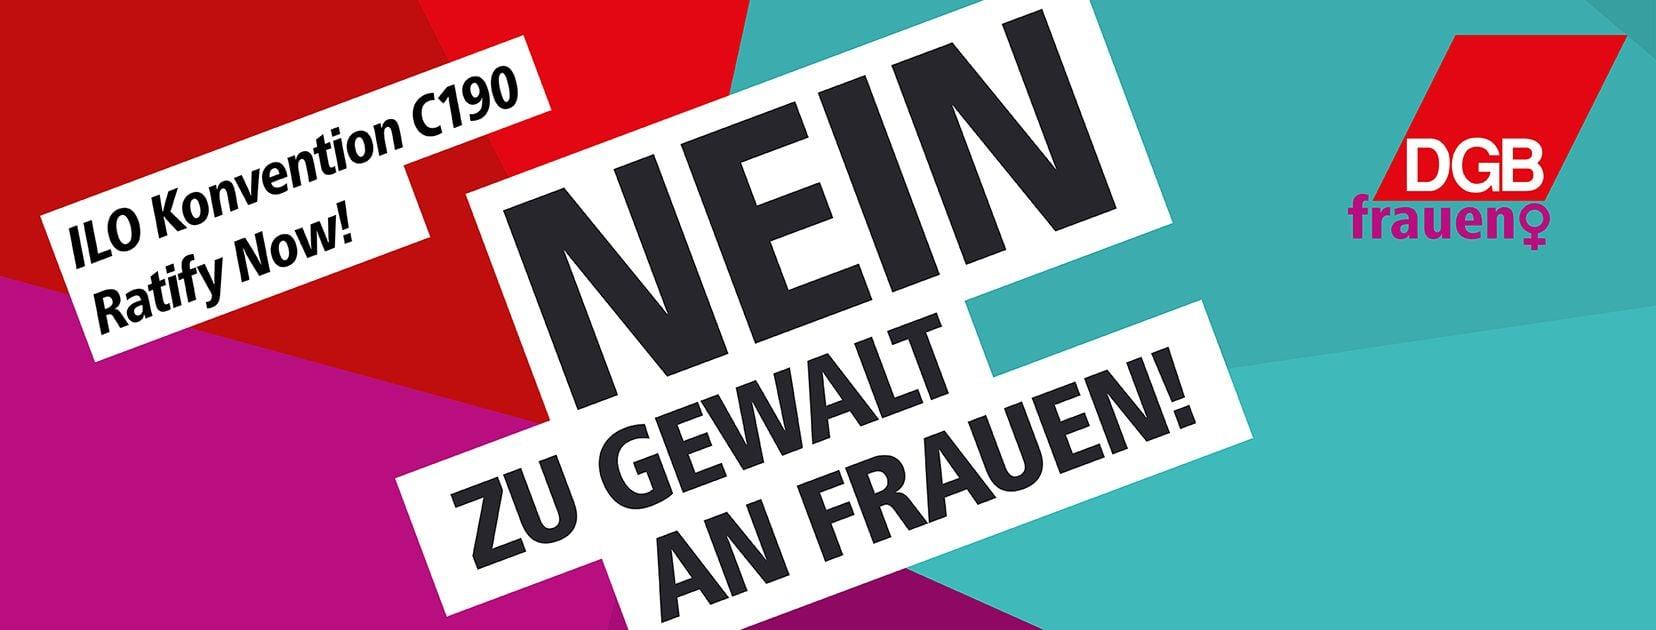 """Schwarzer Text auf weißen Balken: """"Nein zu Gewalt an Frauen!"""" sowie """"ILO Konvention C190 Ratify Now!"""", dahinter mehrfarbiger Hintergrund"""